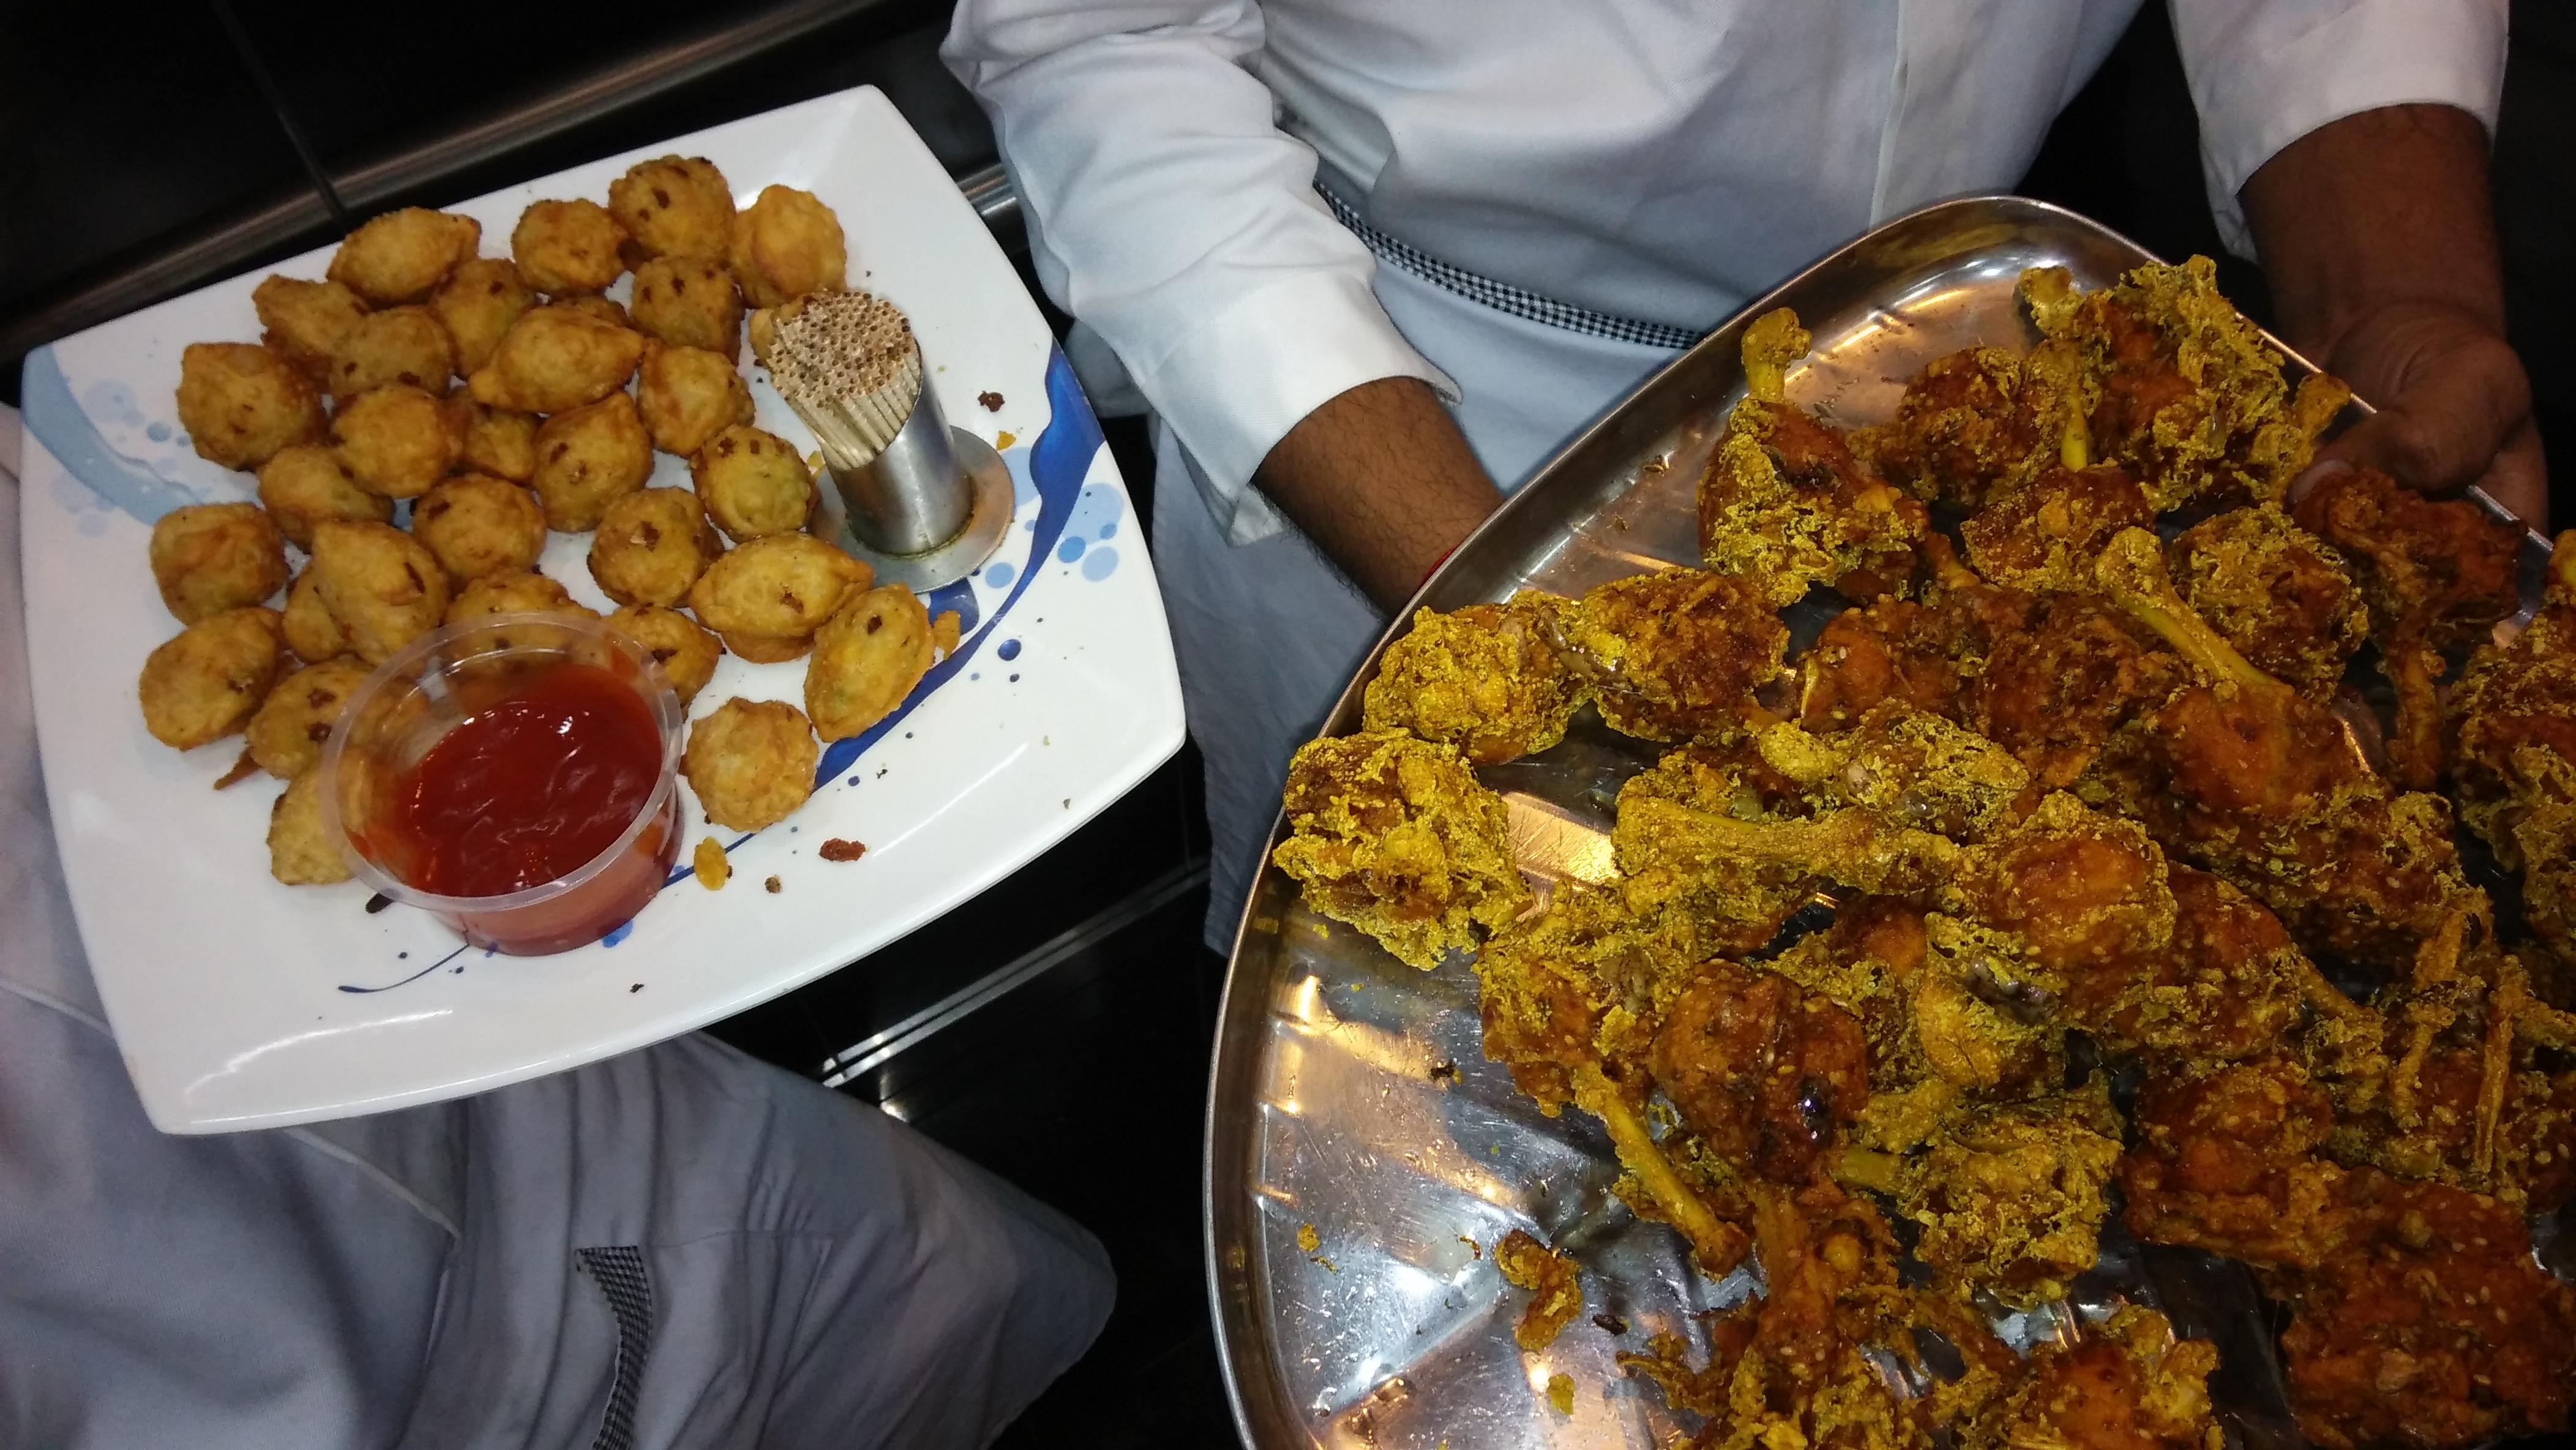 eten in een restaurant